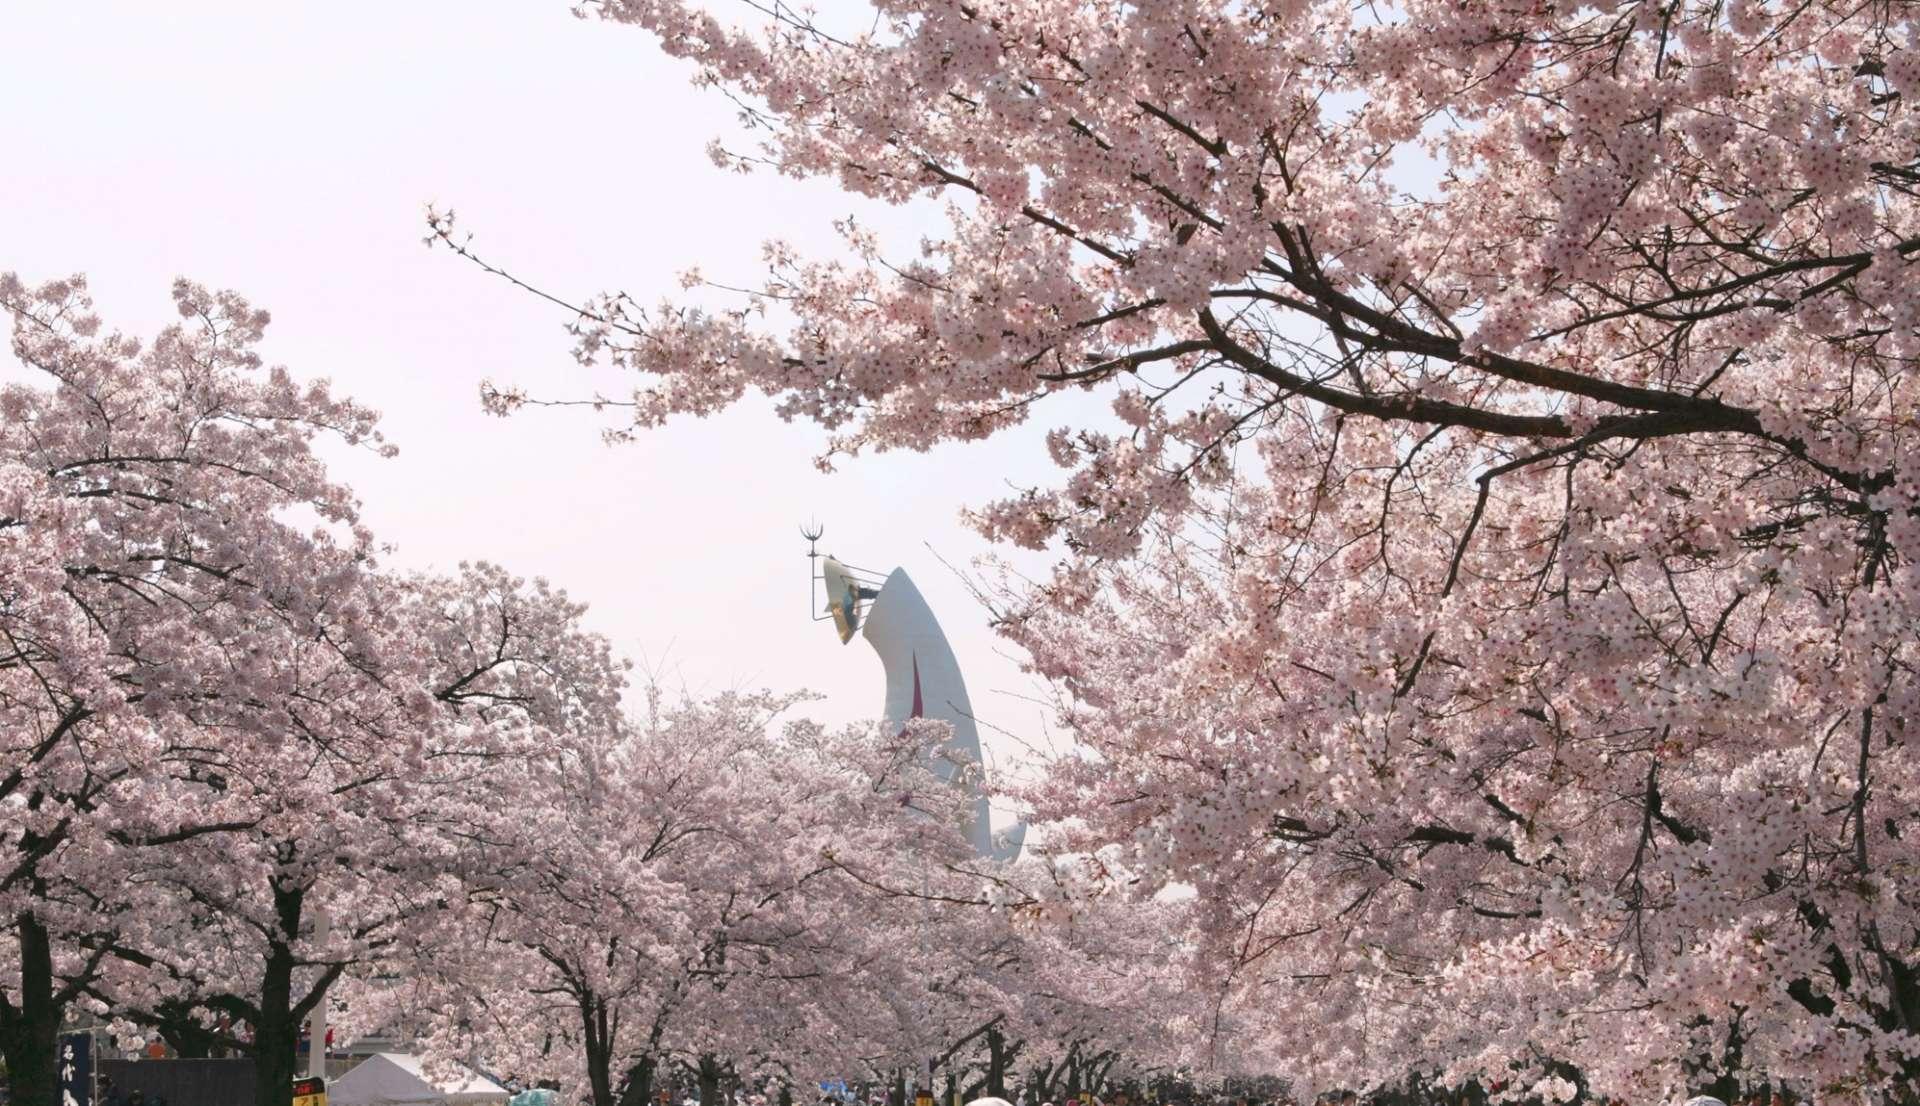 在盛开的樱花中看见太阳之塔